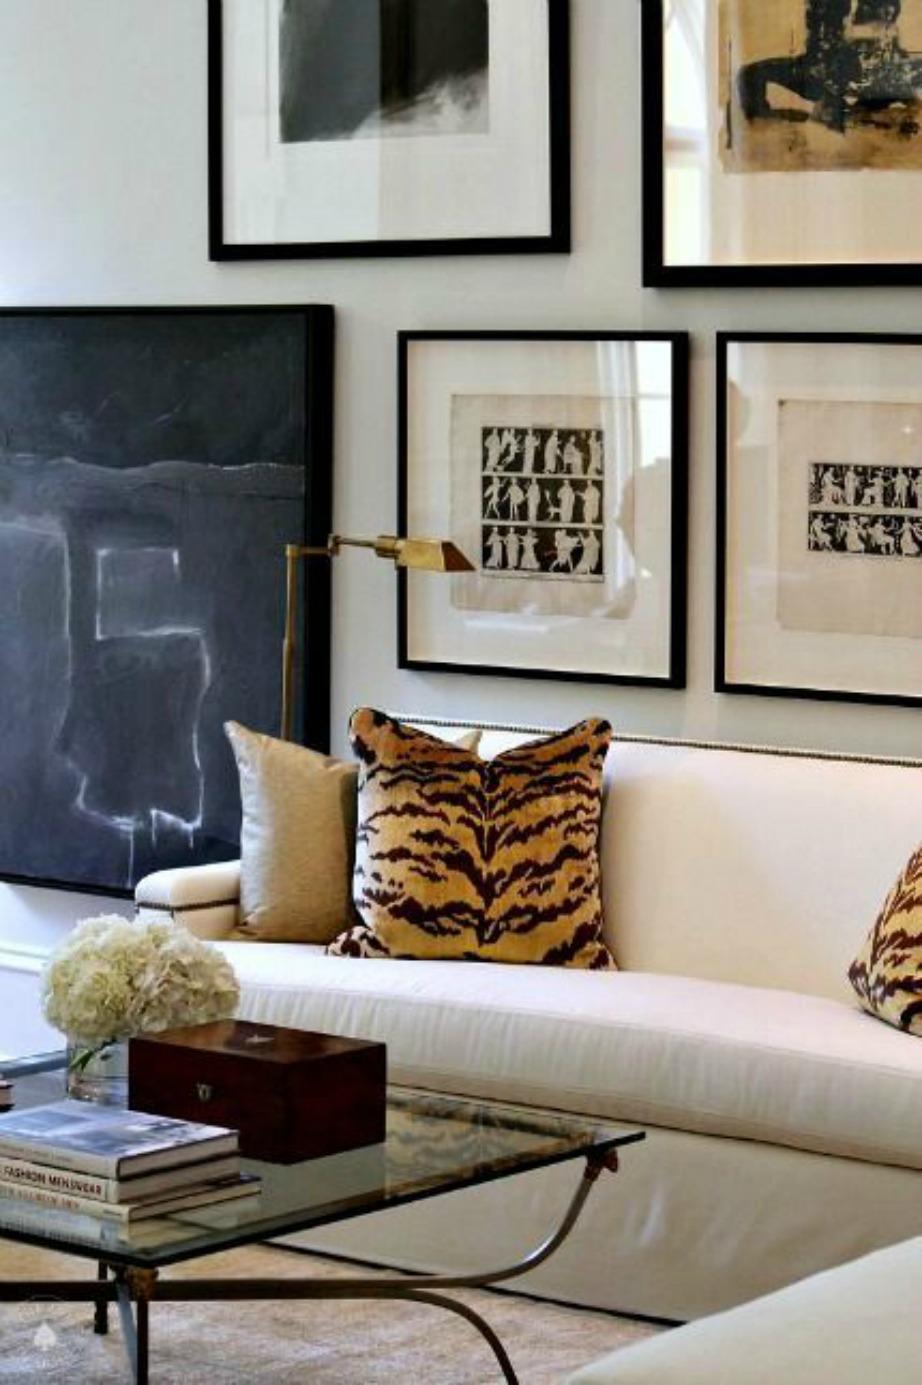 Αν θέλετε να δώσετε μια μικρή βελούδινη πινελιά στο σαλόνι σας δεν έχετε παρά να «παίξετε» με τα μαξιλάρια.